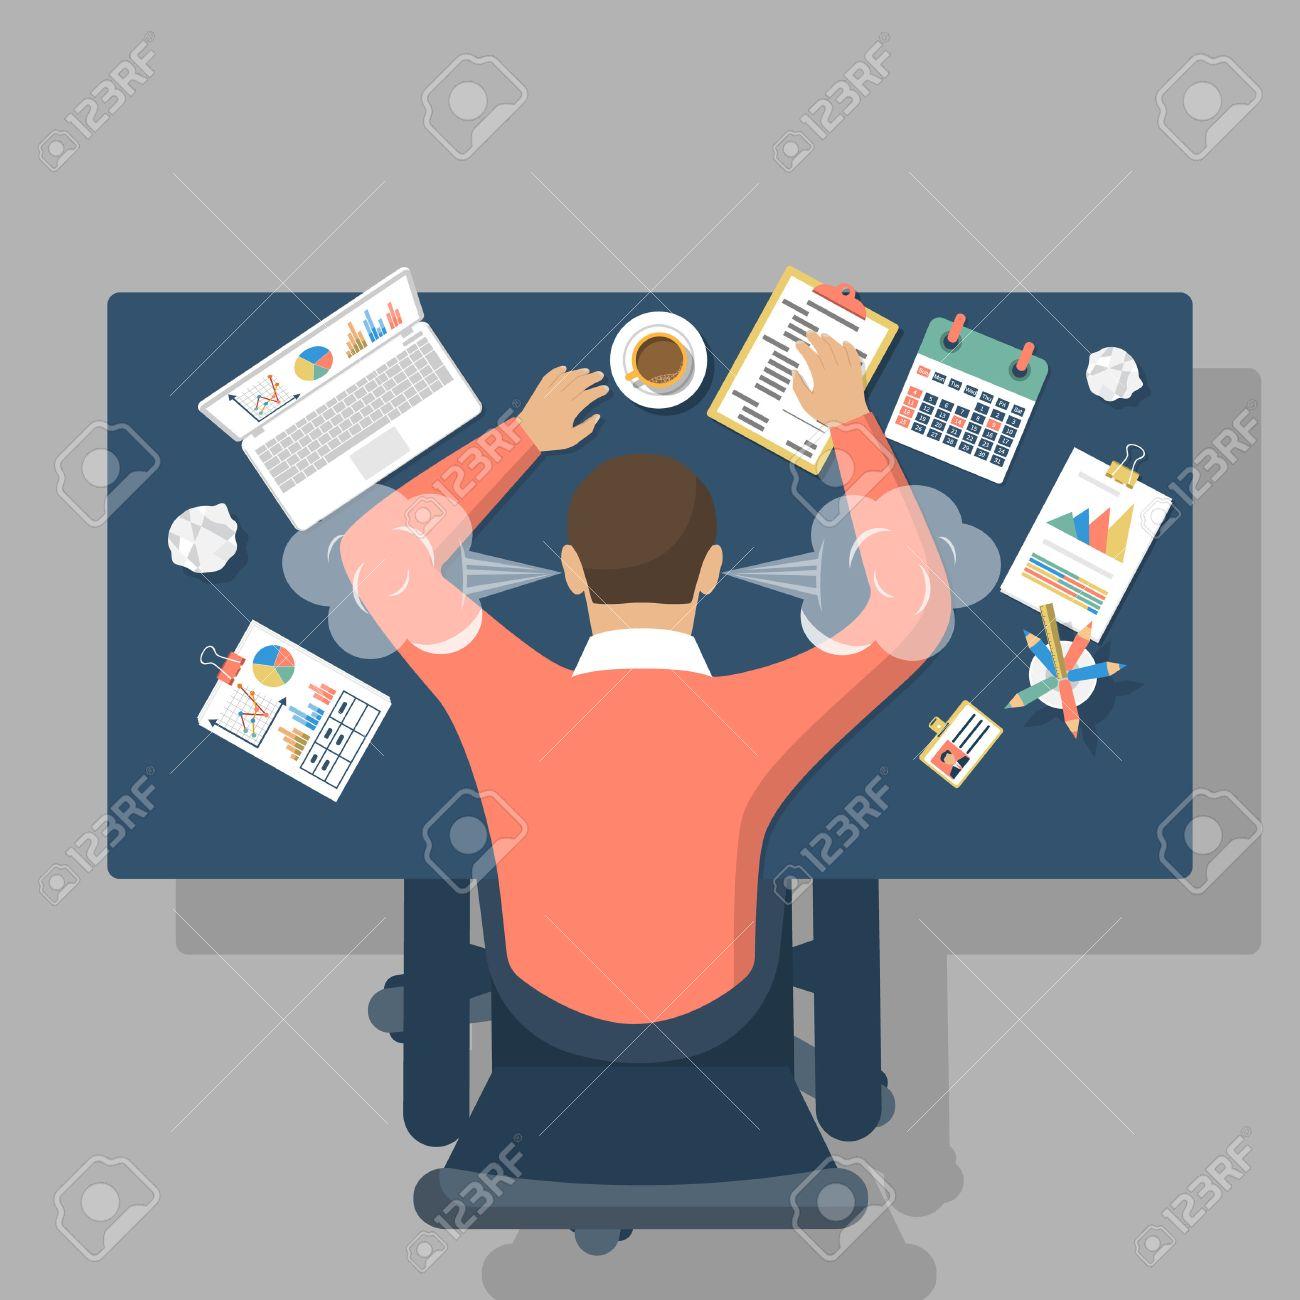 58809653-man-at-desk-overwhelmed-hard-work-stress-at-work-fatigue-at-work-vector-illustration-flat-design